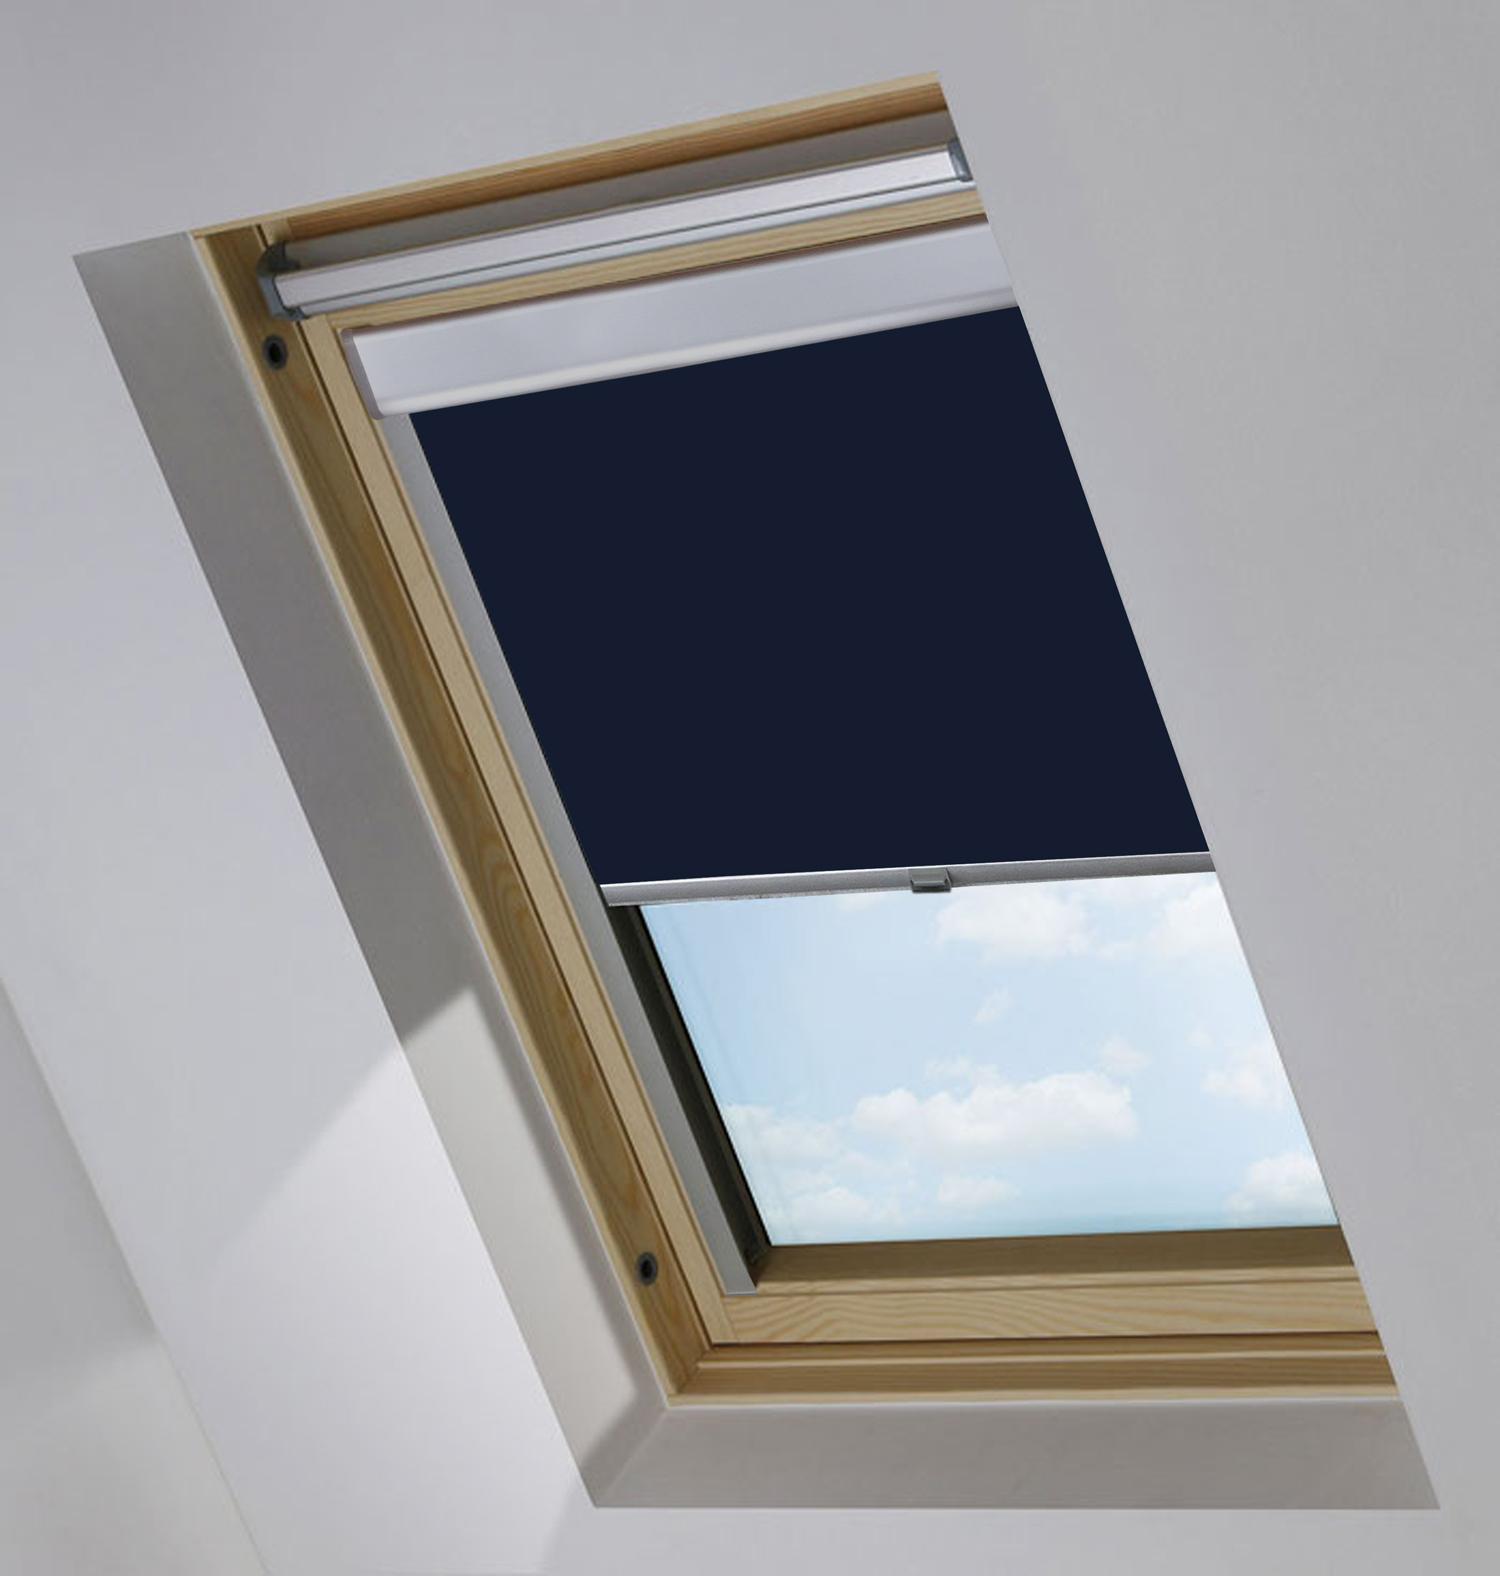 Persiana adatto a velux finestra sul tetto termica for Finestre velux ghl